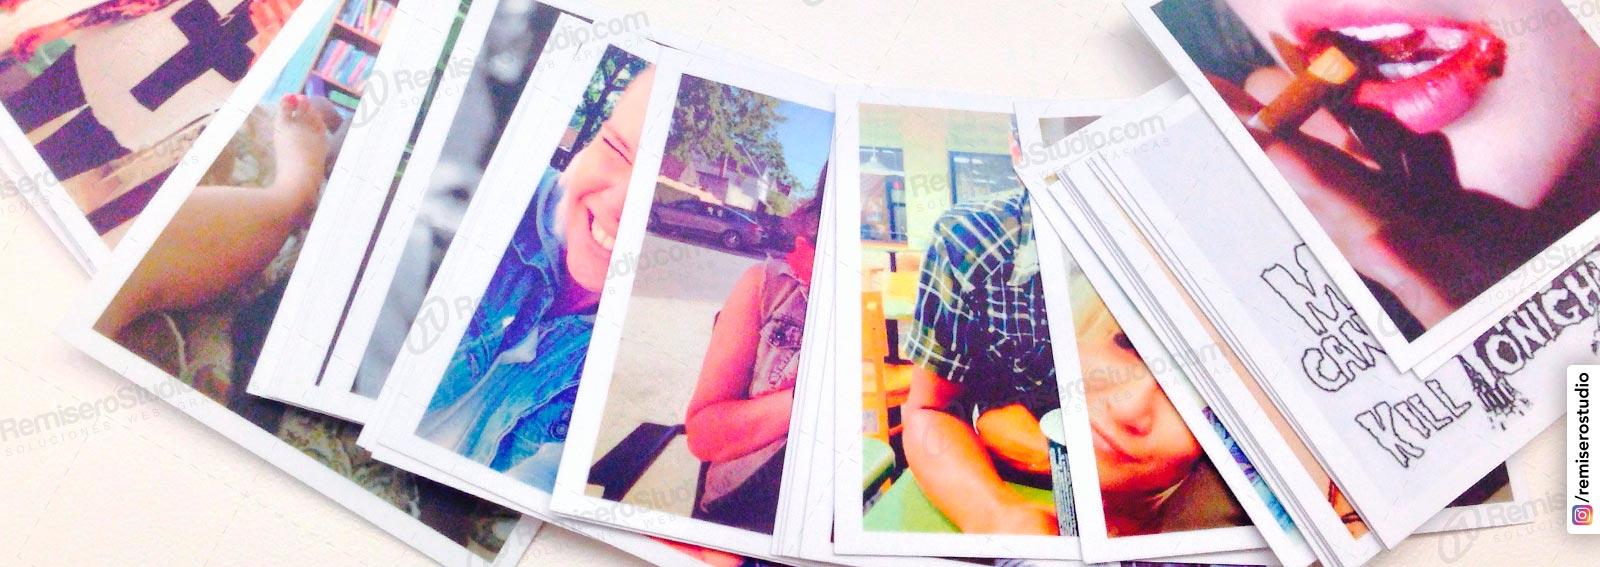 Impresión de fotos tamaño jumbo 10 x 15 cm en alta calidad, impreso en papel fotográfico premium